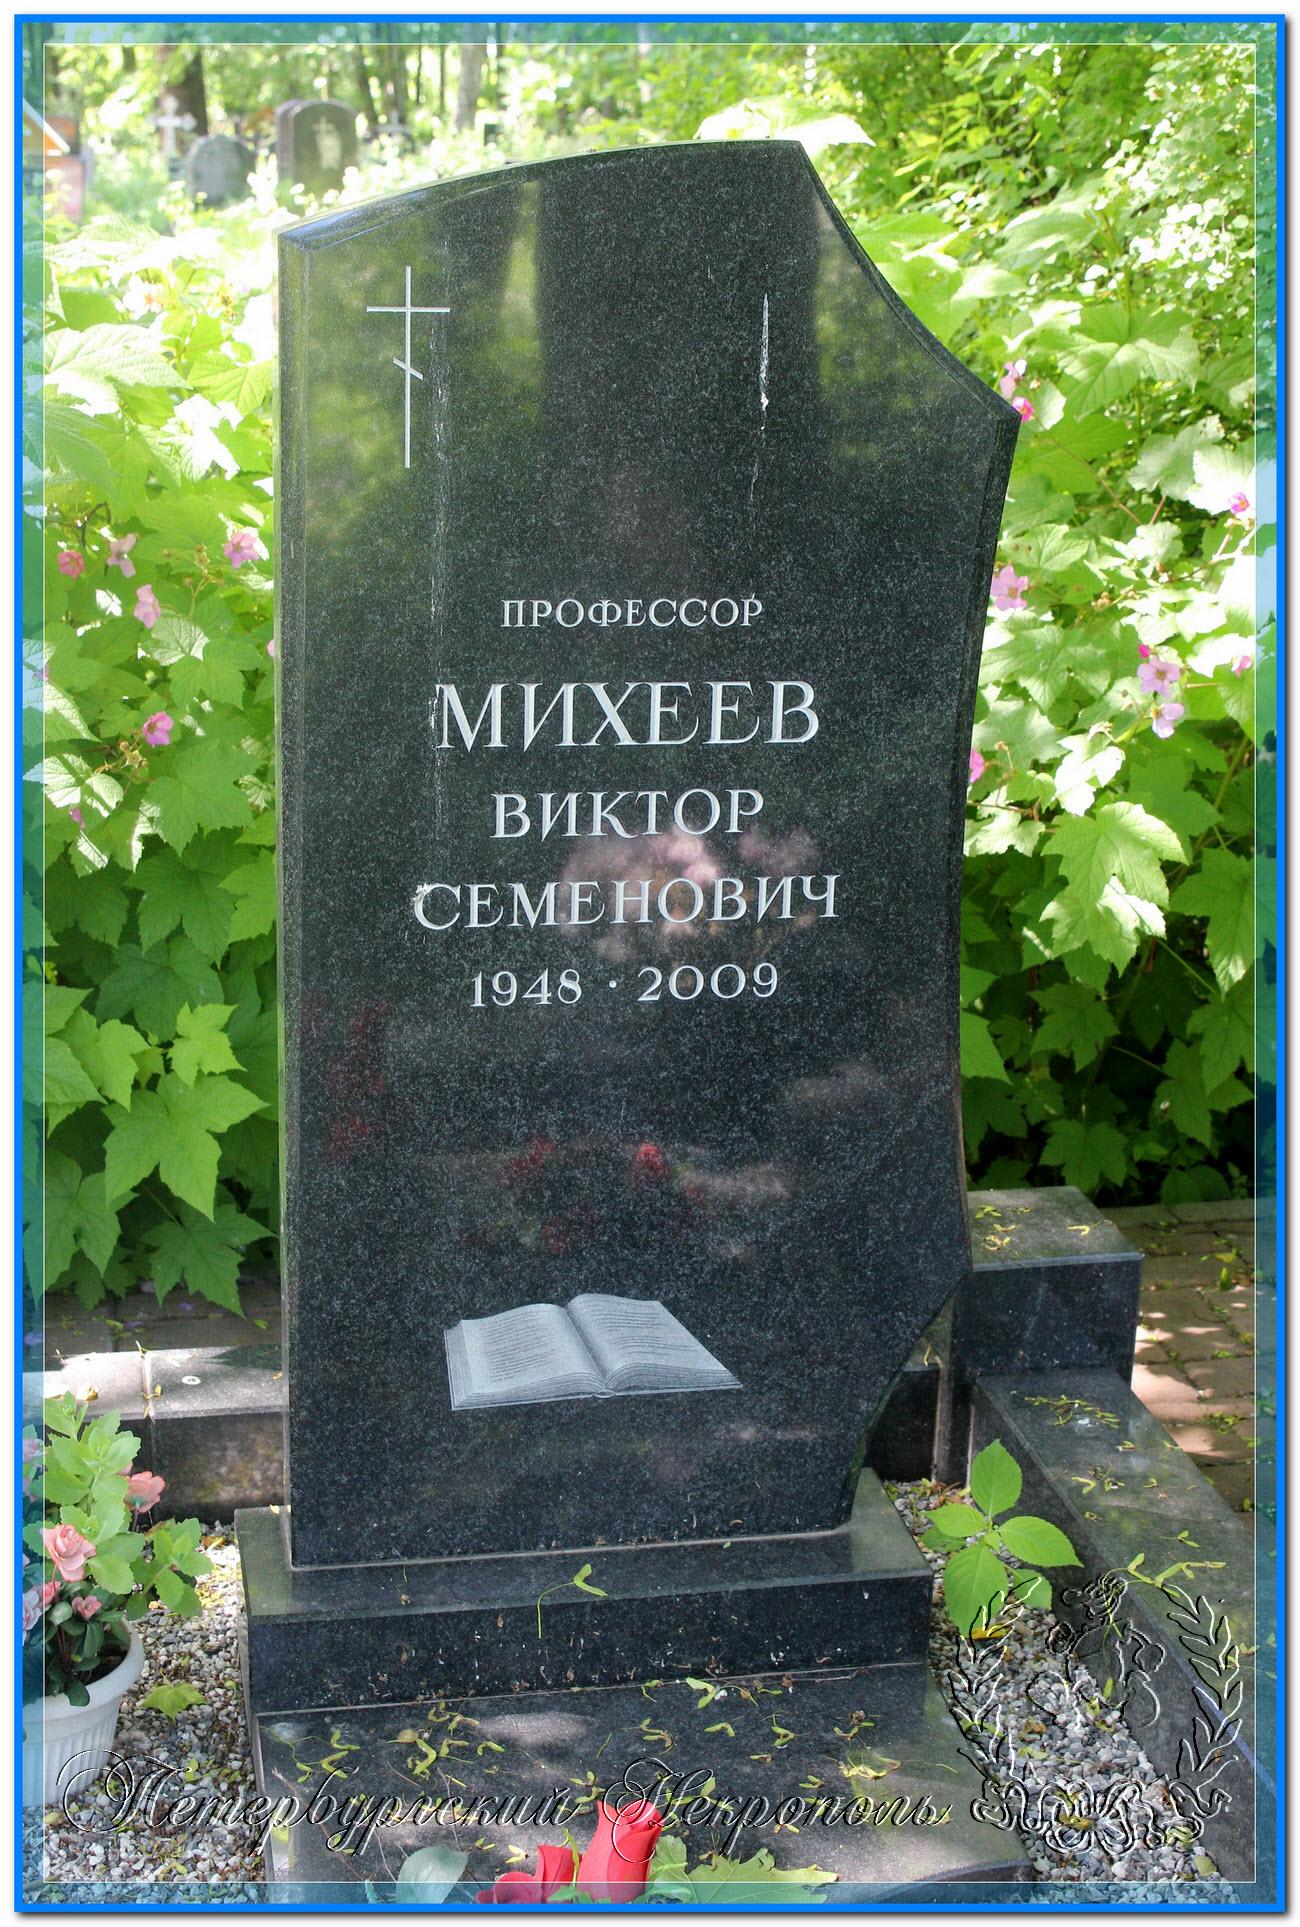 © МихеевВикторСемёнович